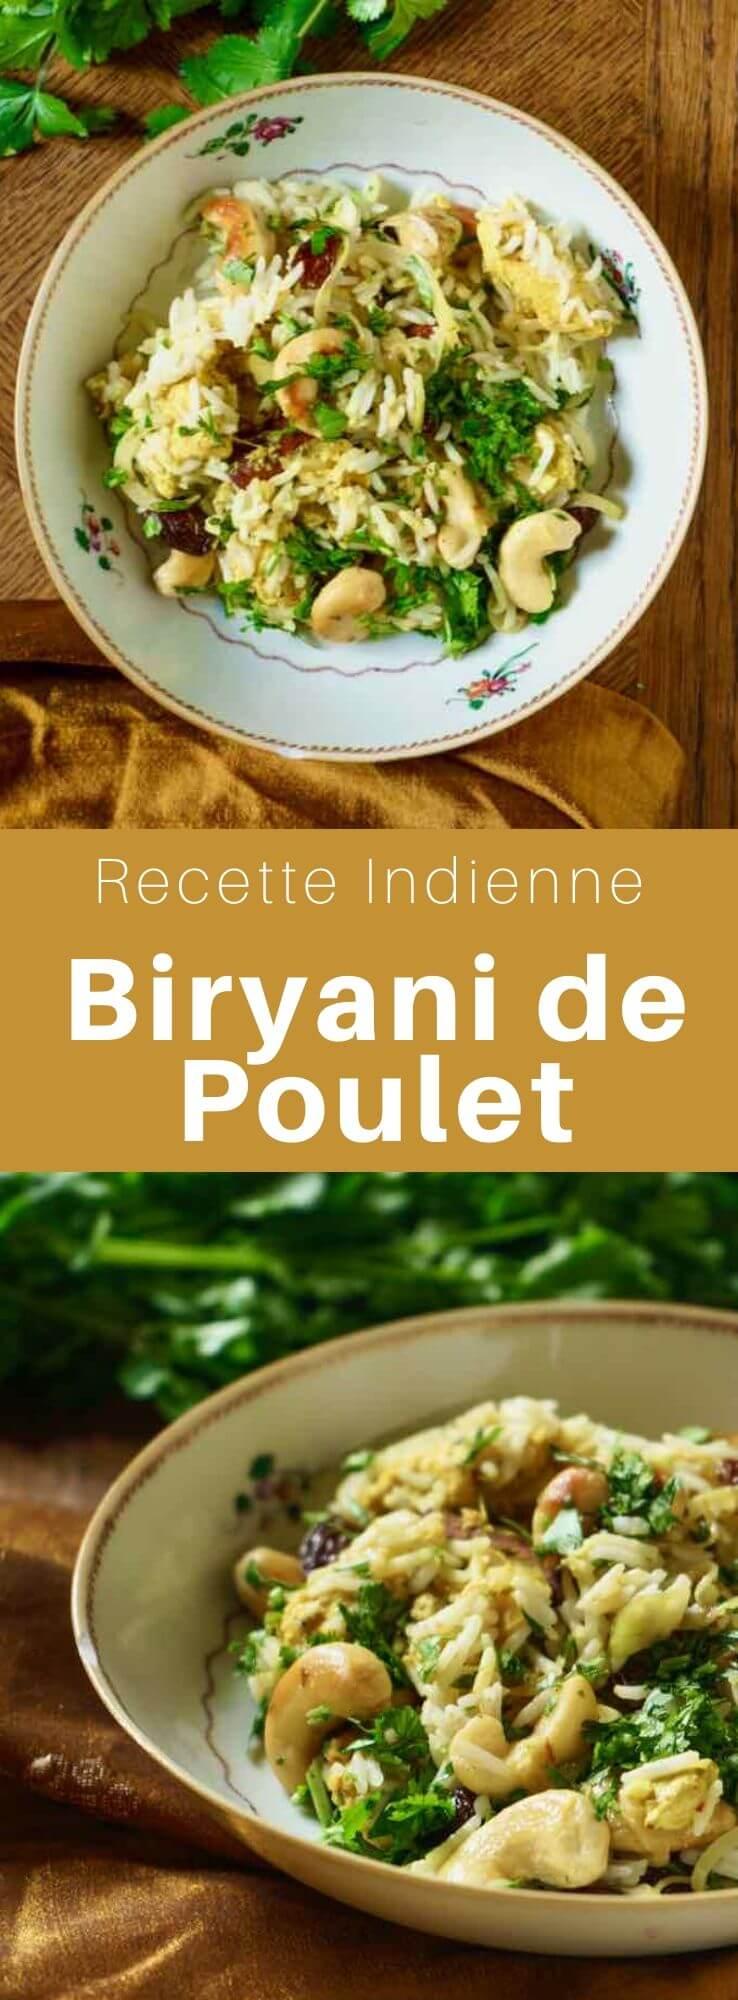 Biryani Au Poulet Recette Traditionnelle Indienne 196 Flavors